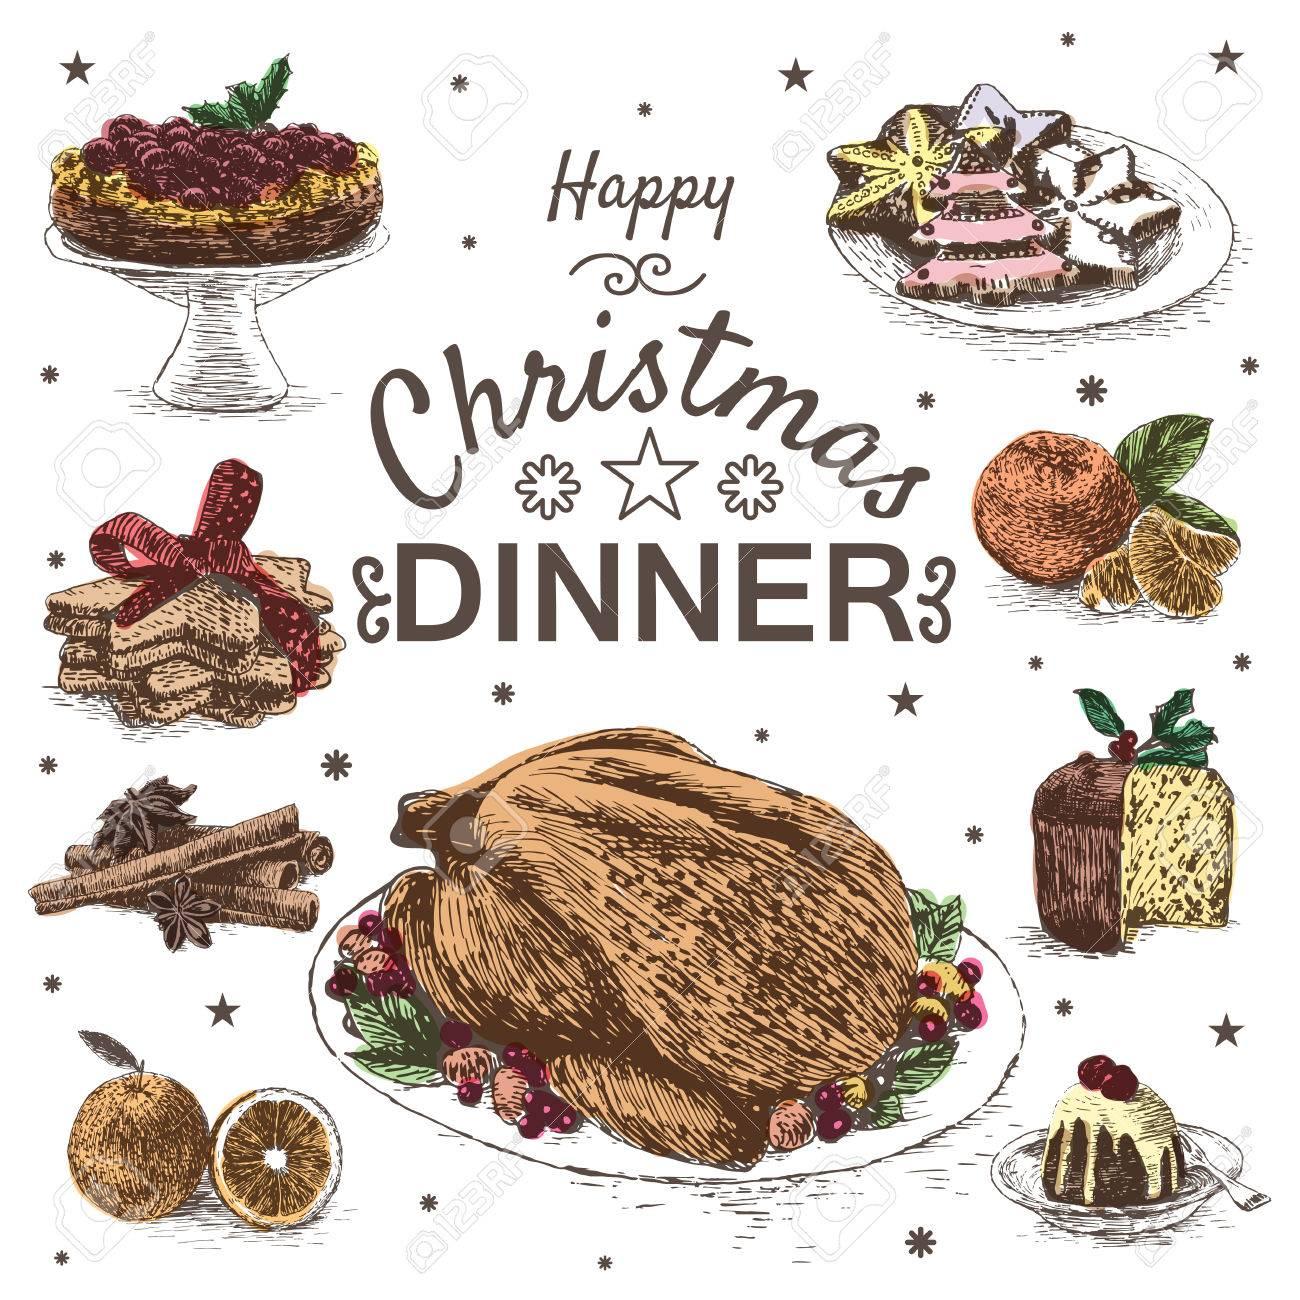 Pasti Di Natale.Vettoriale Illustrazione Colorato Con Menu Pranzo Di Natale Diversi I Pasti Di Natale Su Sfondo Bianco